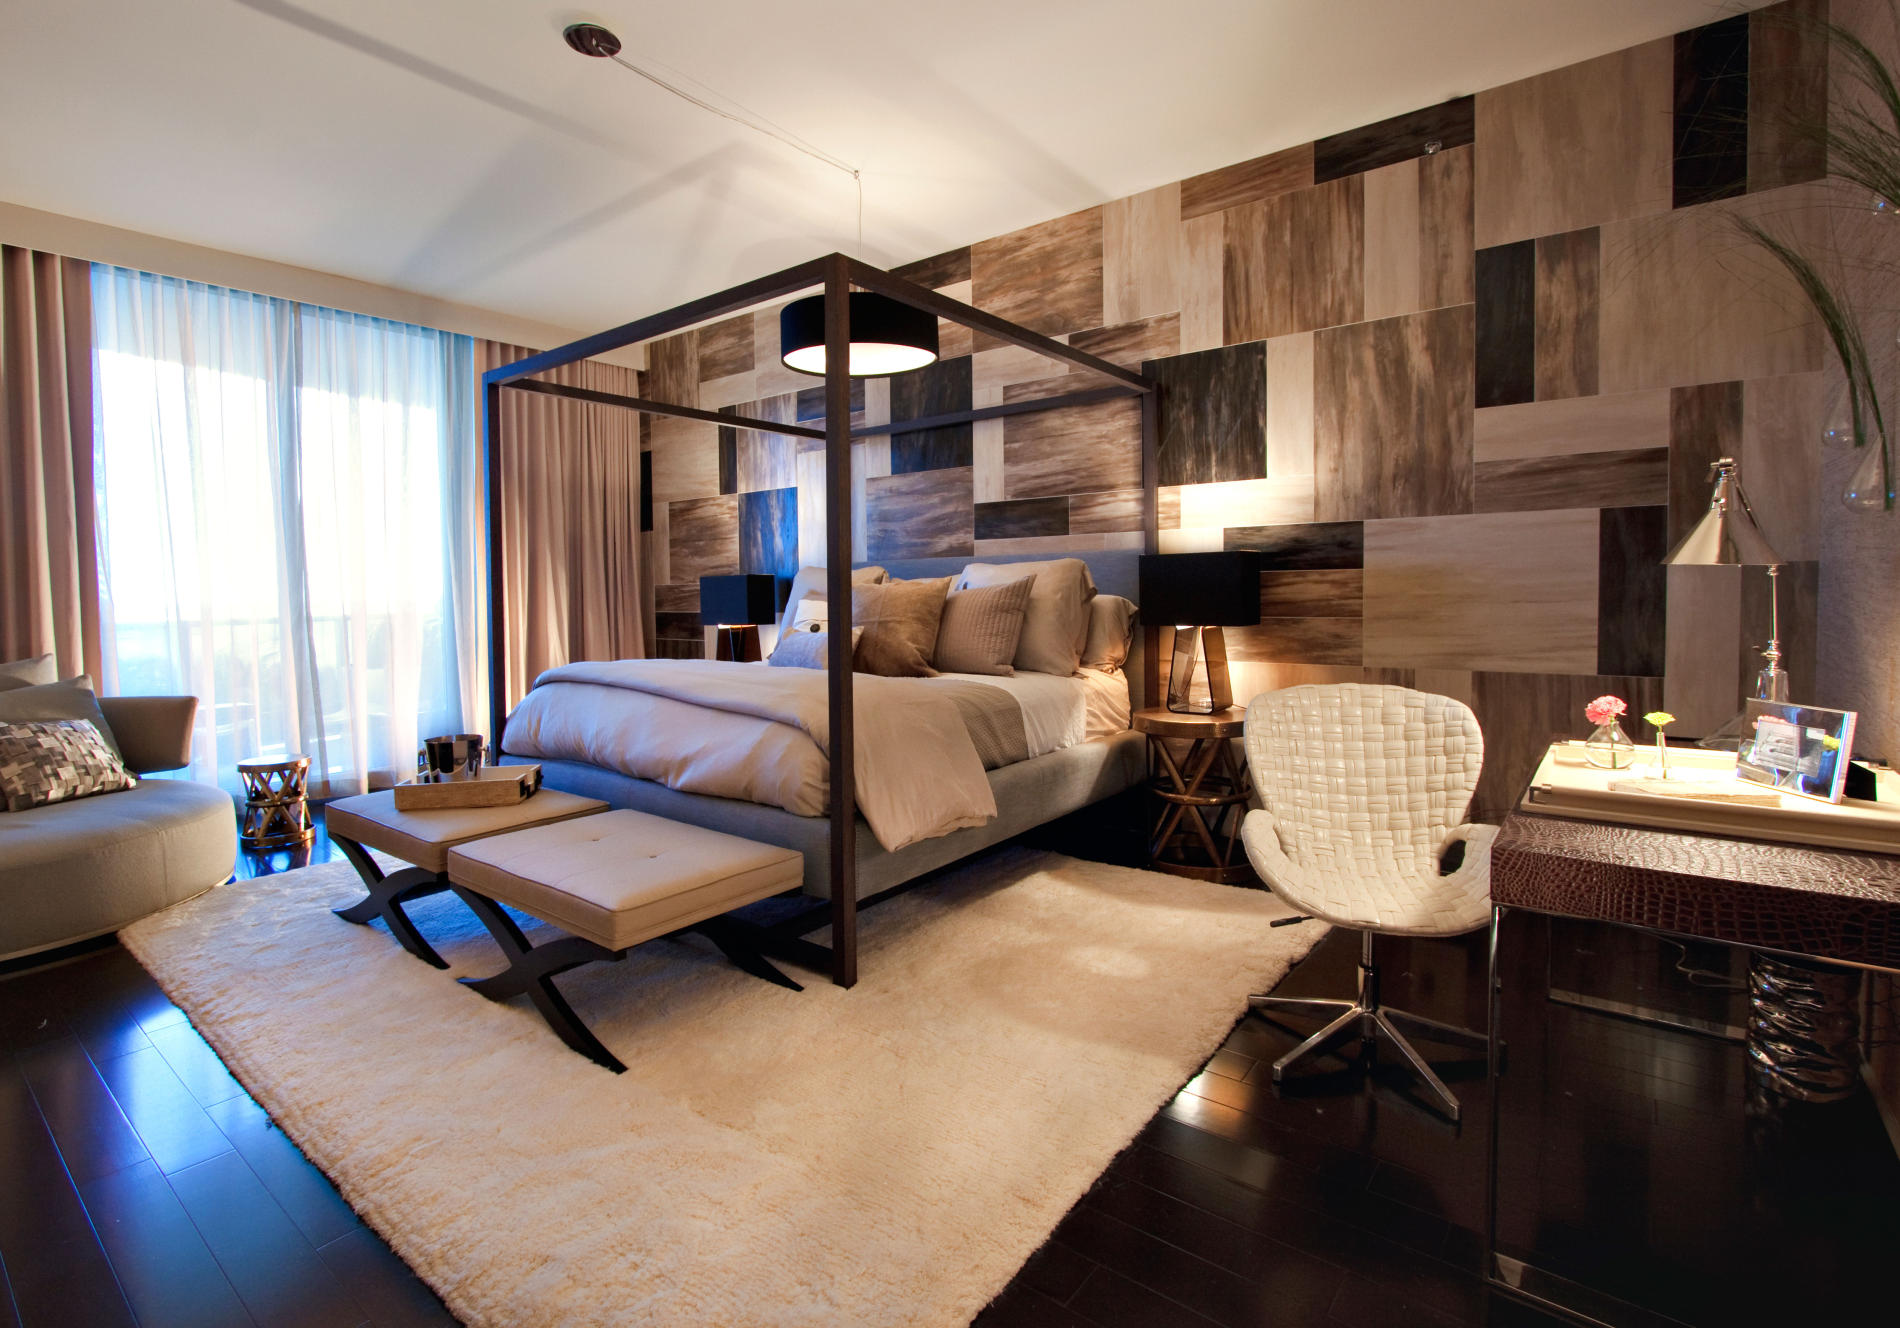 запоминающийся дизайн интерьера спальни.jpg